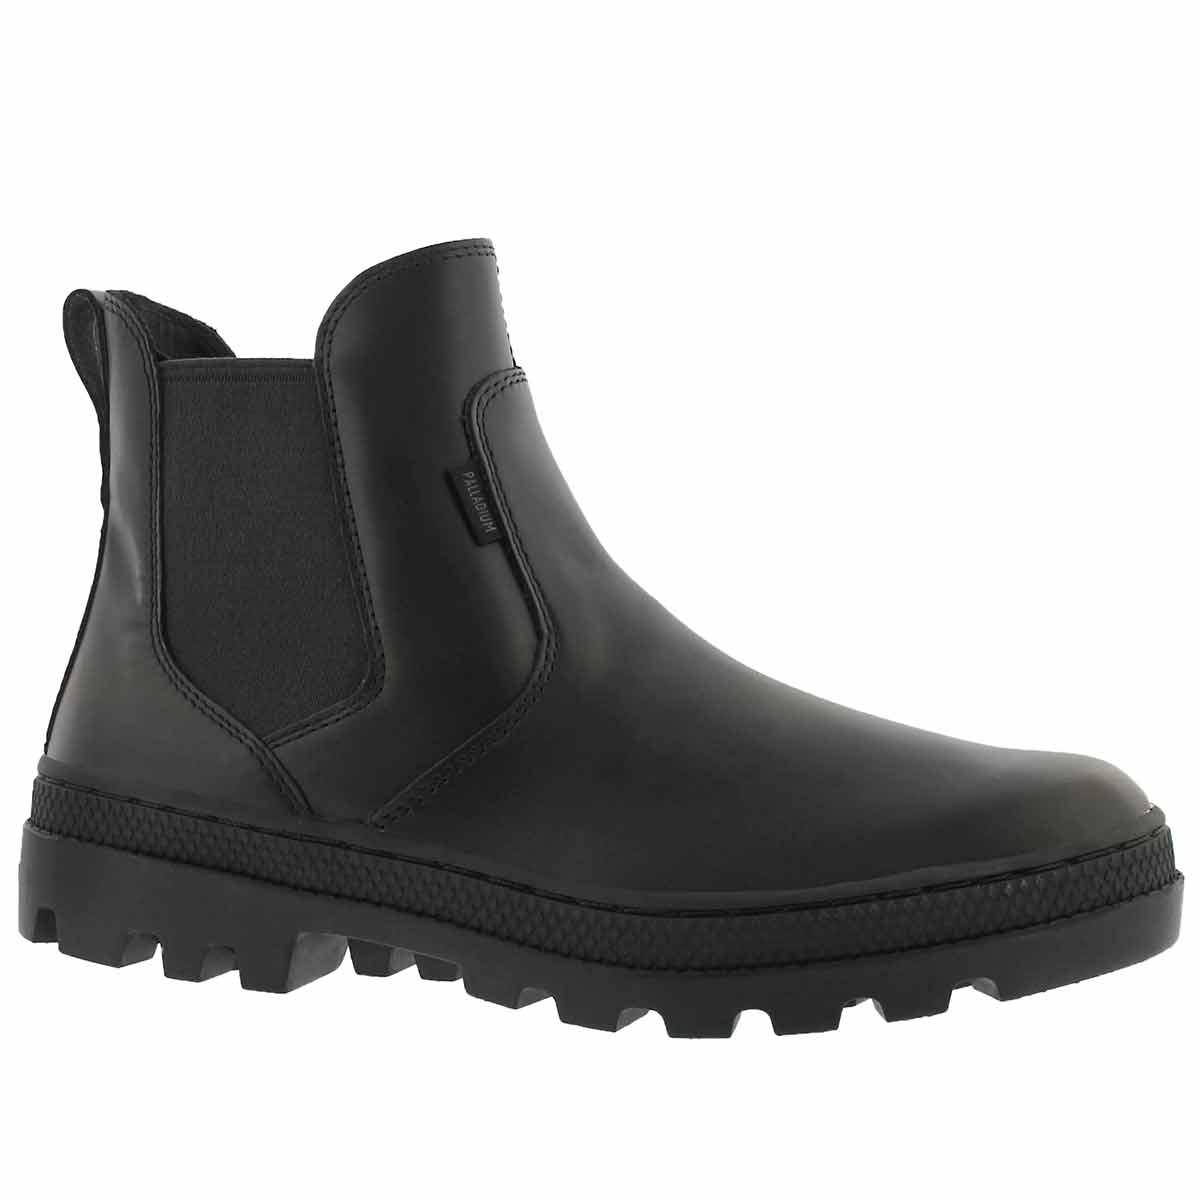 Women's PALLABOSSE black chelsea boots